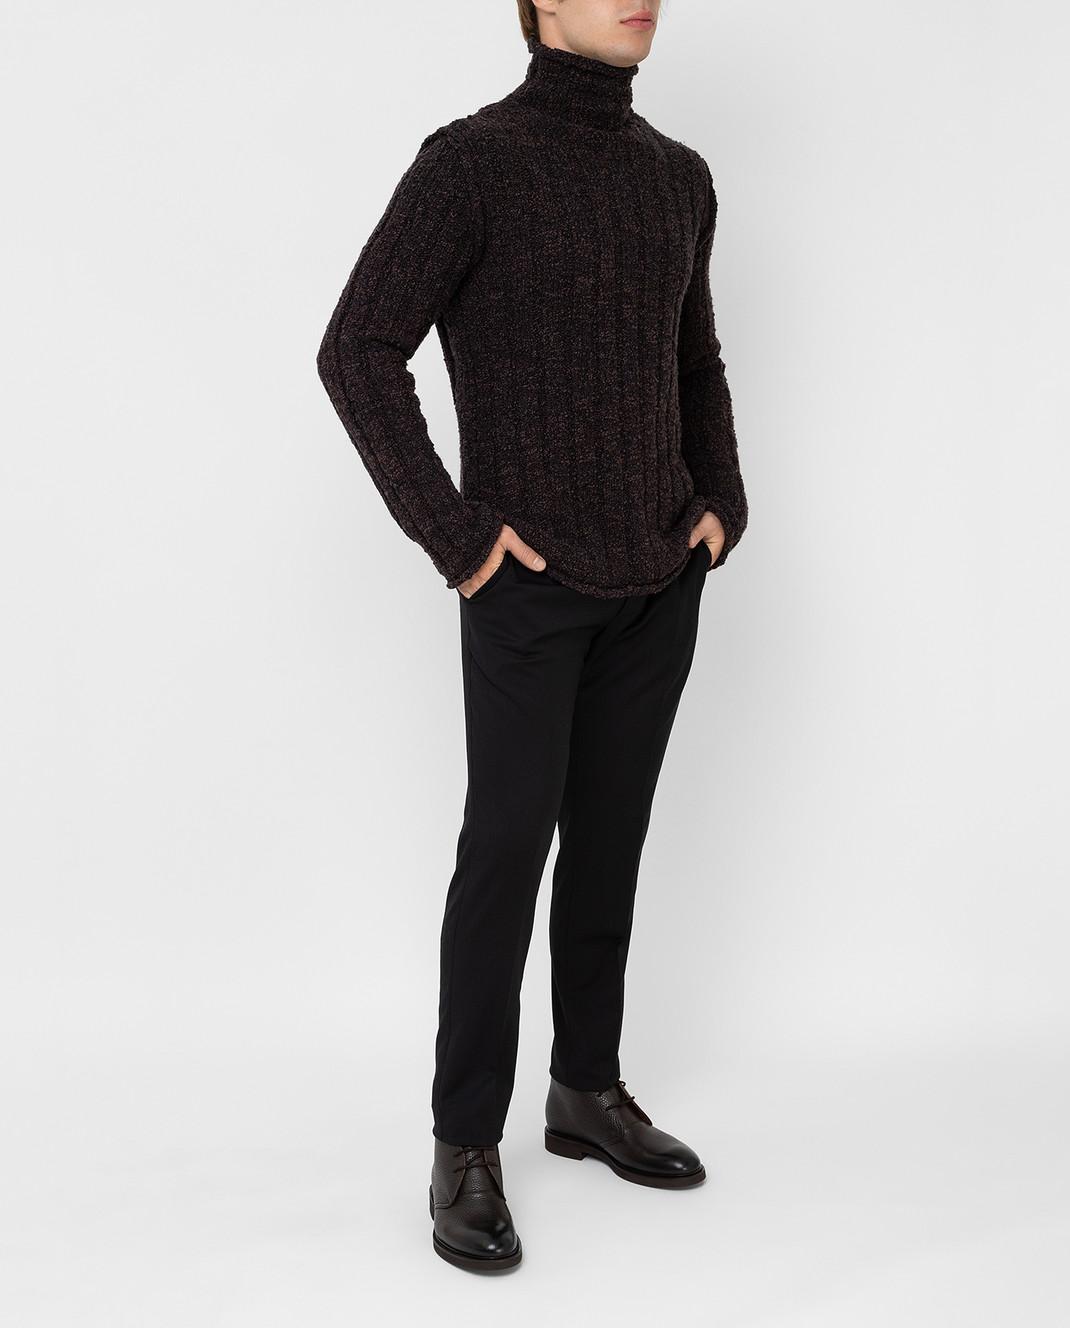 Dolce&Gabbana Коричневый свитер из шерсти изображение 2